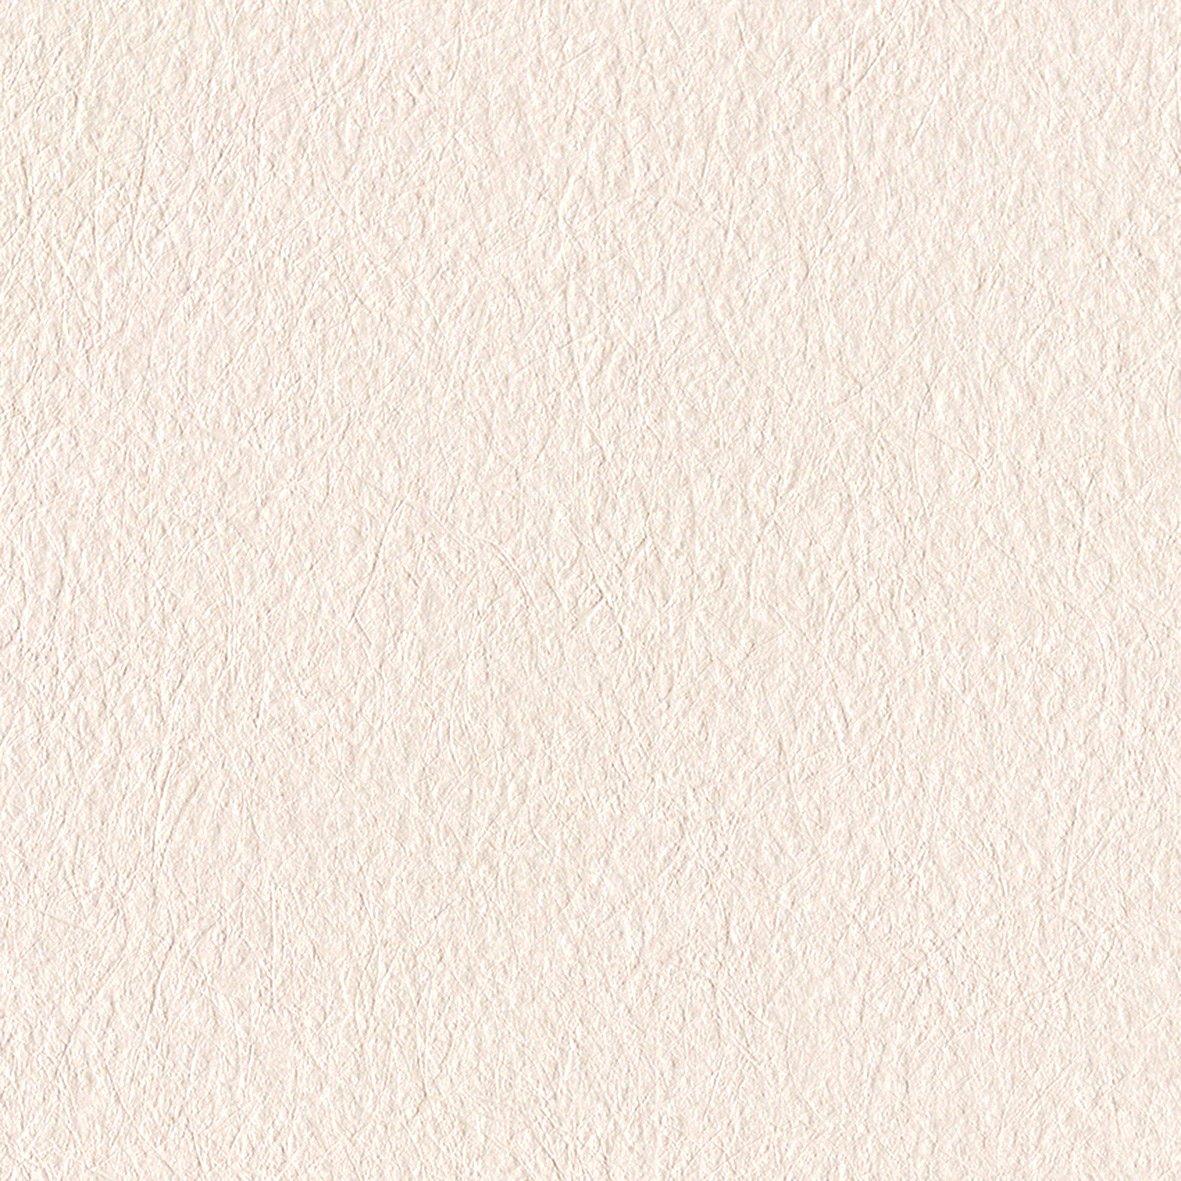 リリカラ 壁紙37m モダン 無地 ベージュ カラーバリエーション LV-6137 B01IHRSRTI 37m|ベージュ